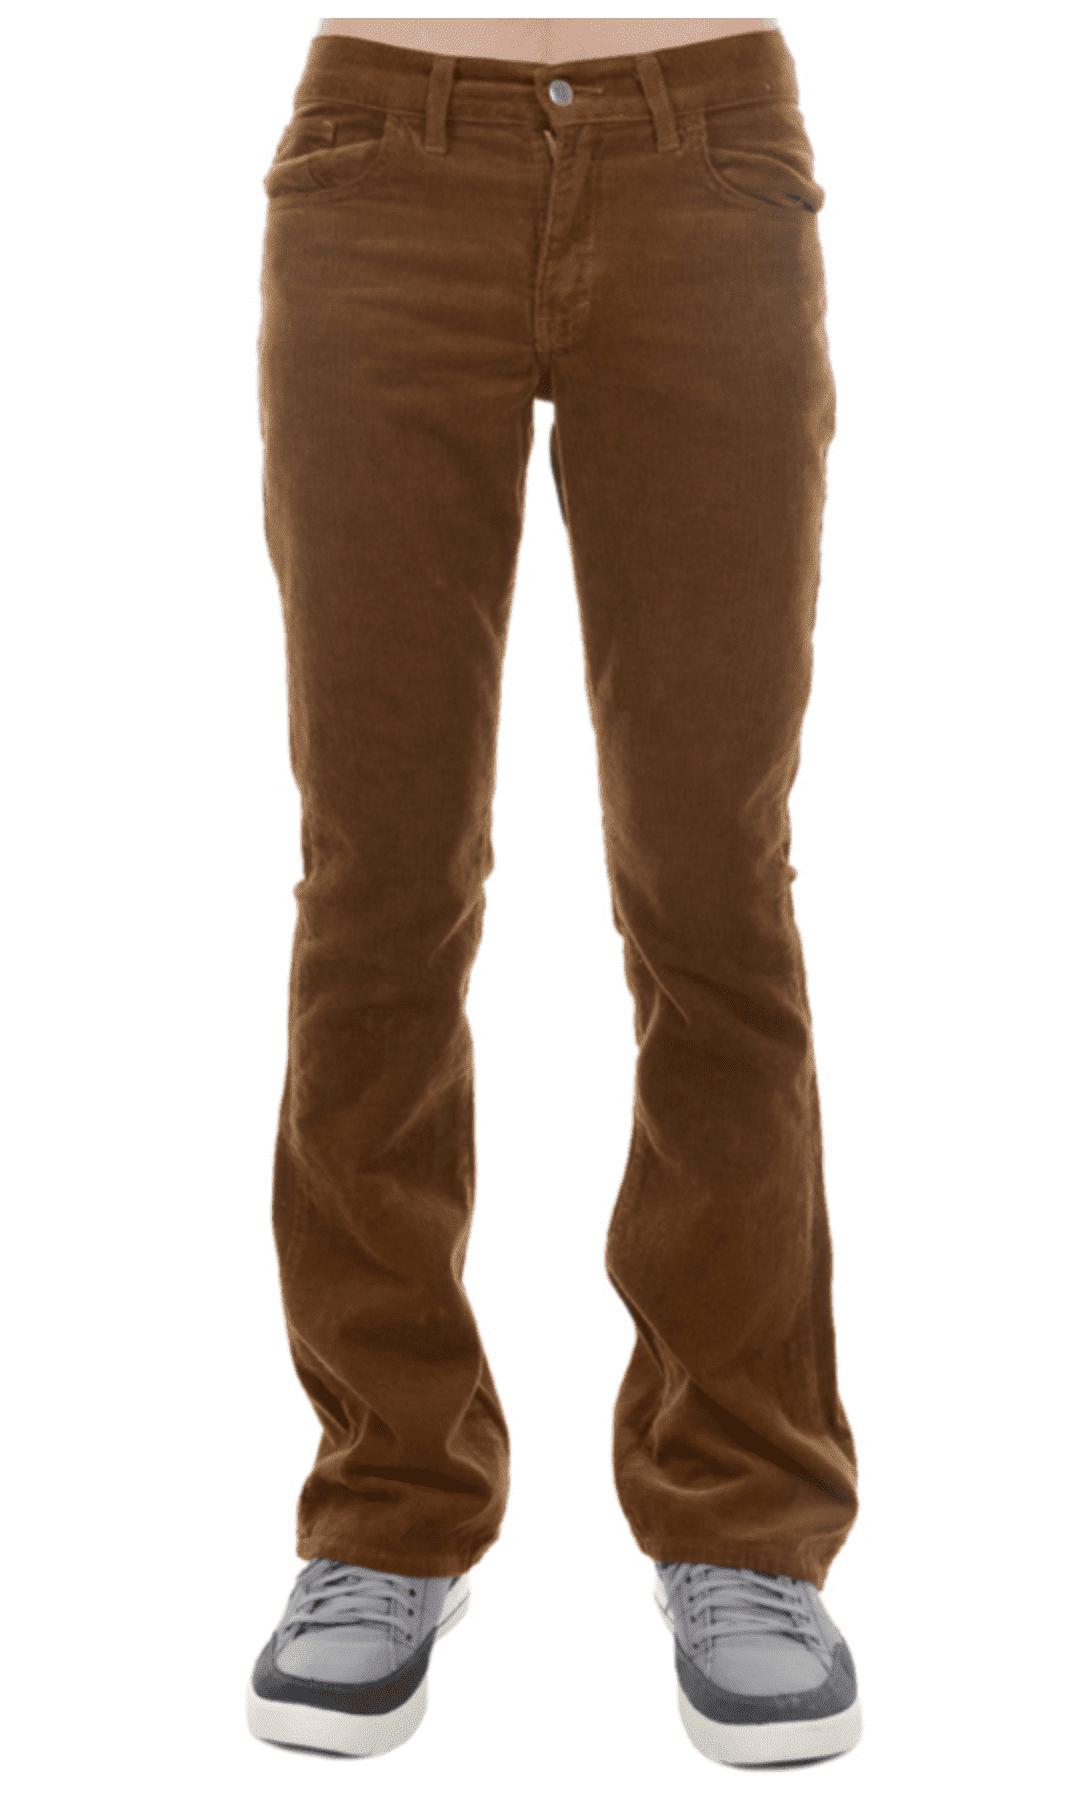 Ribcord broek, met wijde pijp tobacco bruin